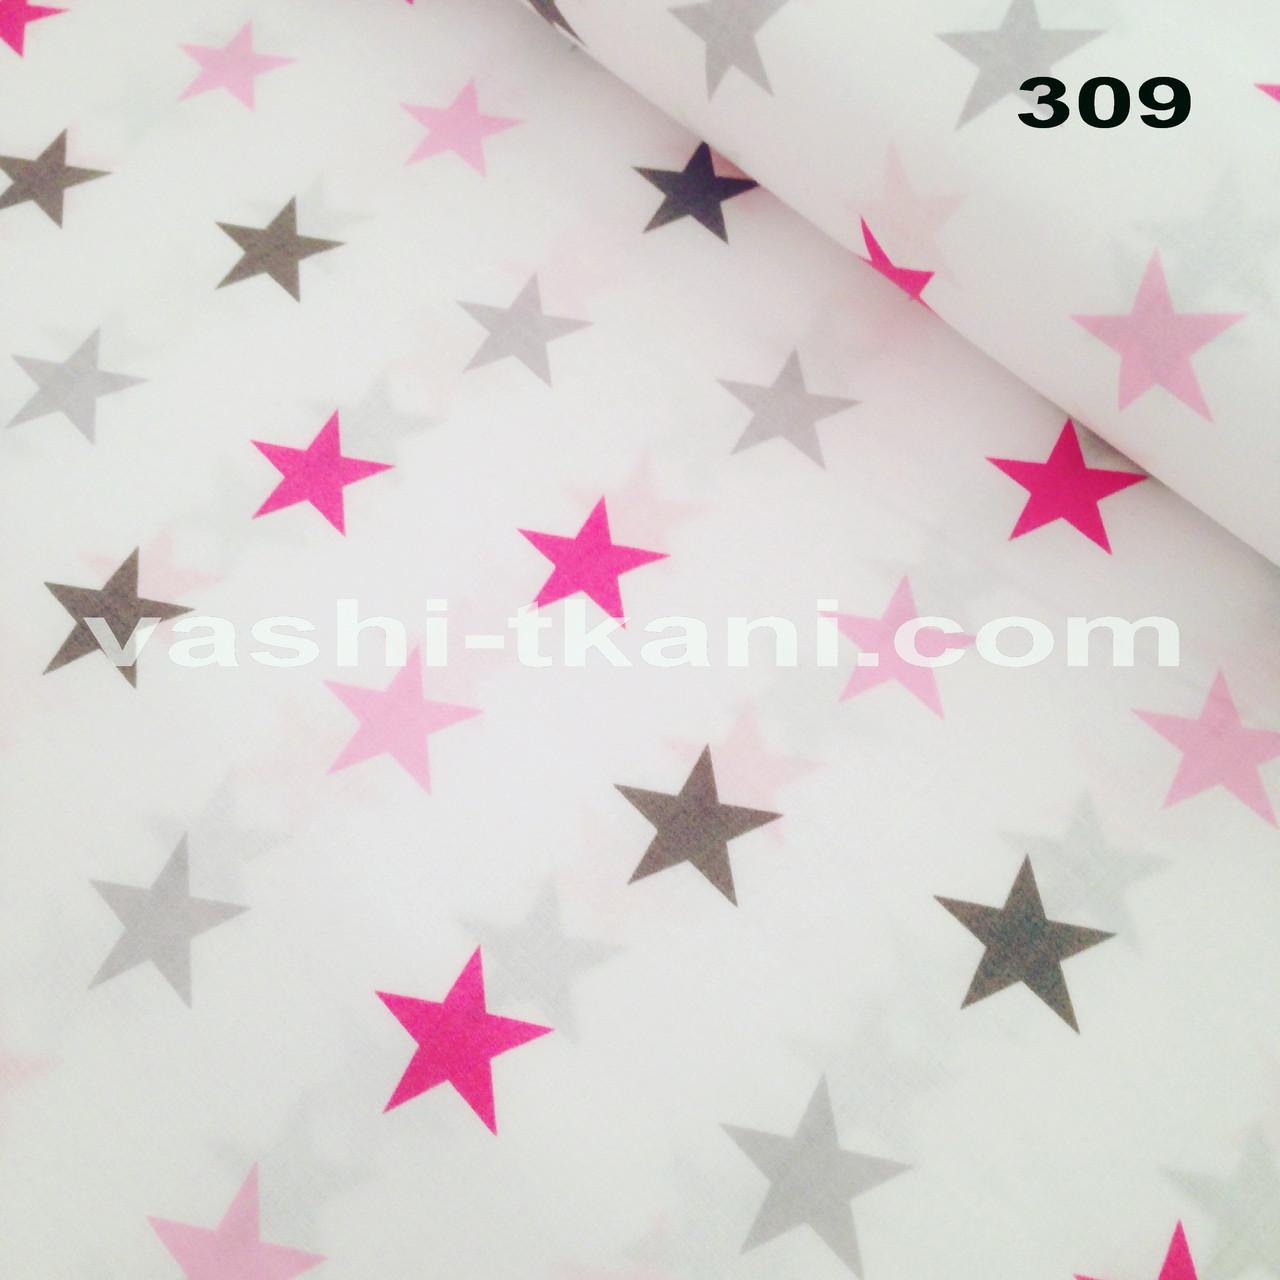 Хлопковая ткань польская большие звезды серо-розовые № 309